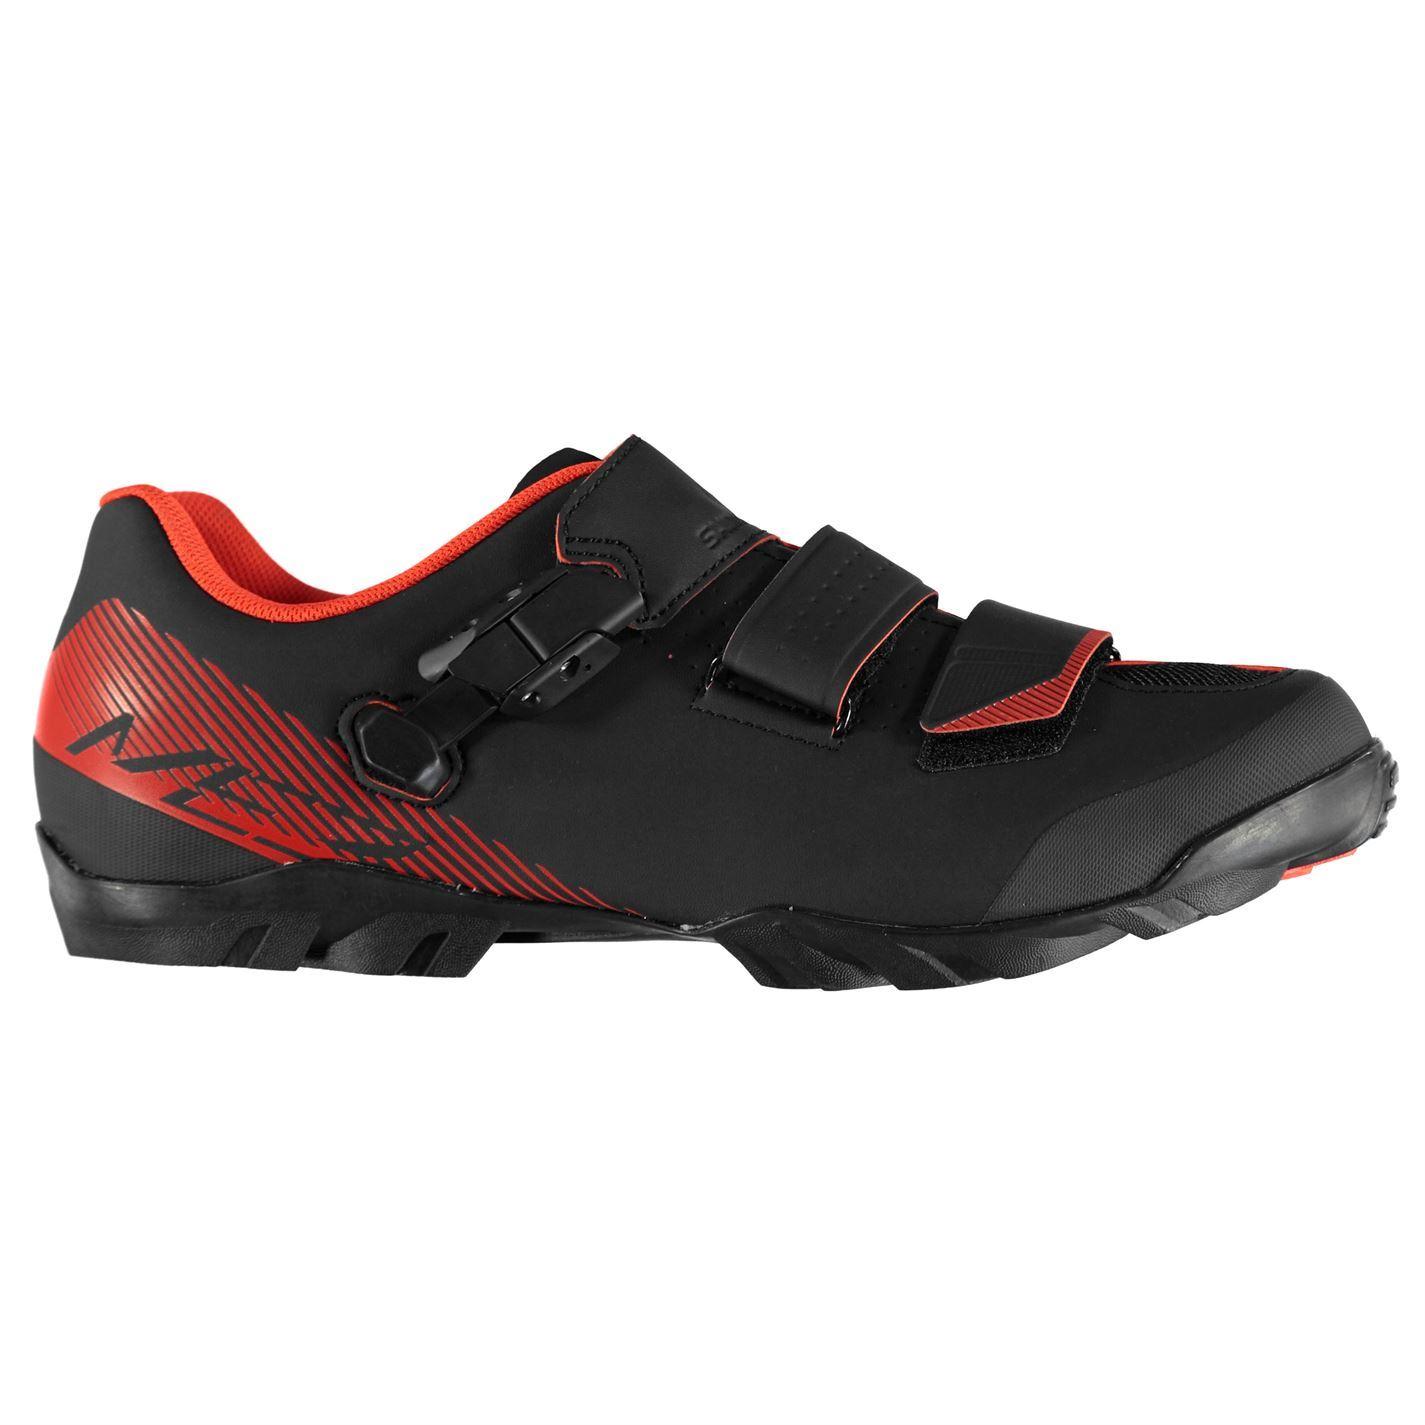 Shimano ME3 Schuhe  - Herren Gents Cycling Schuhes -  MTB 6e997e